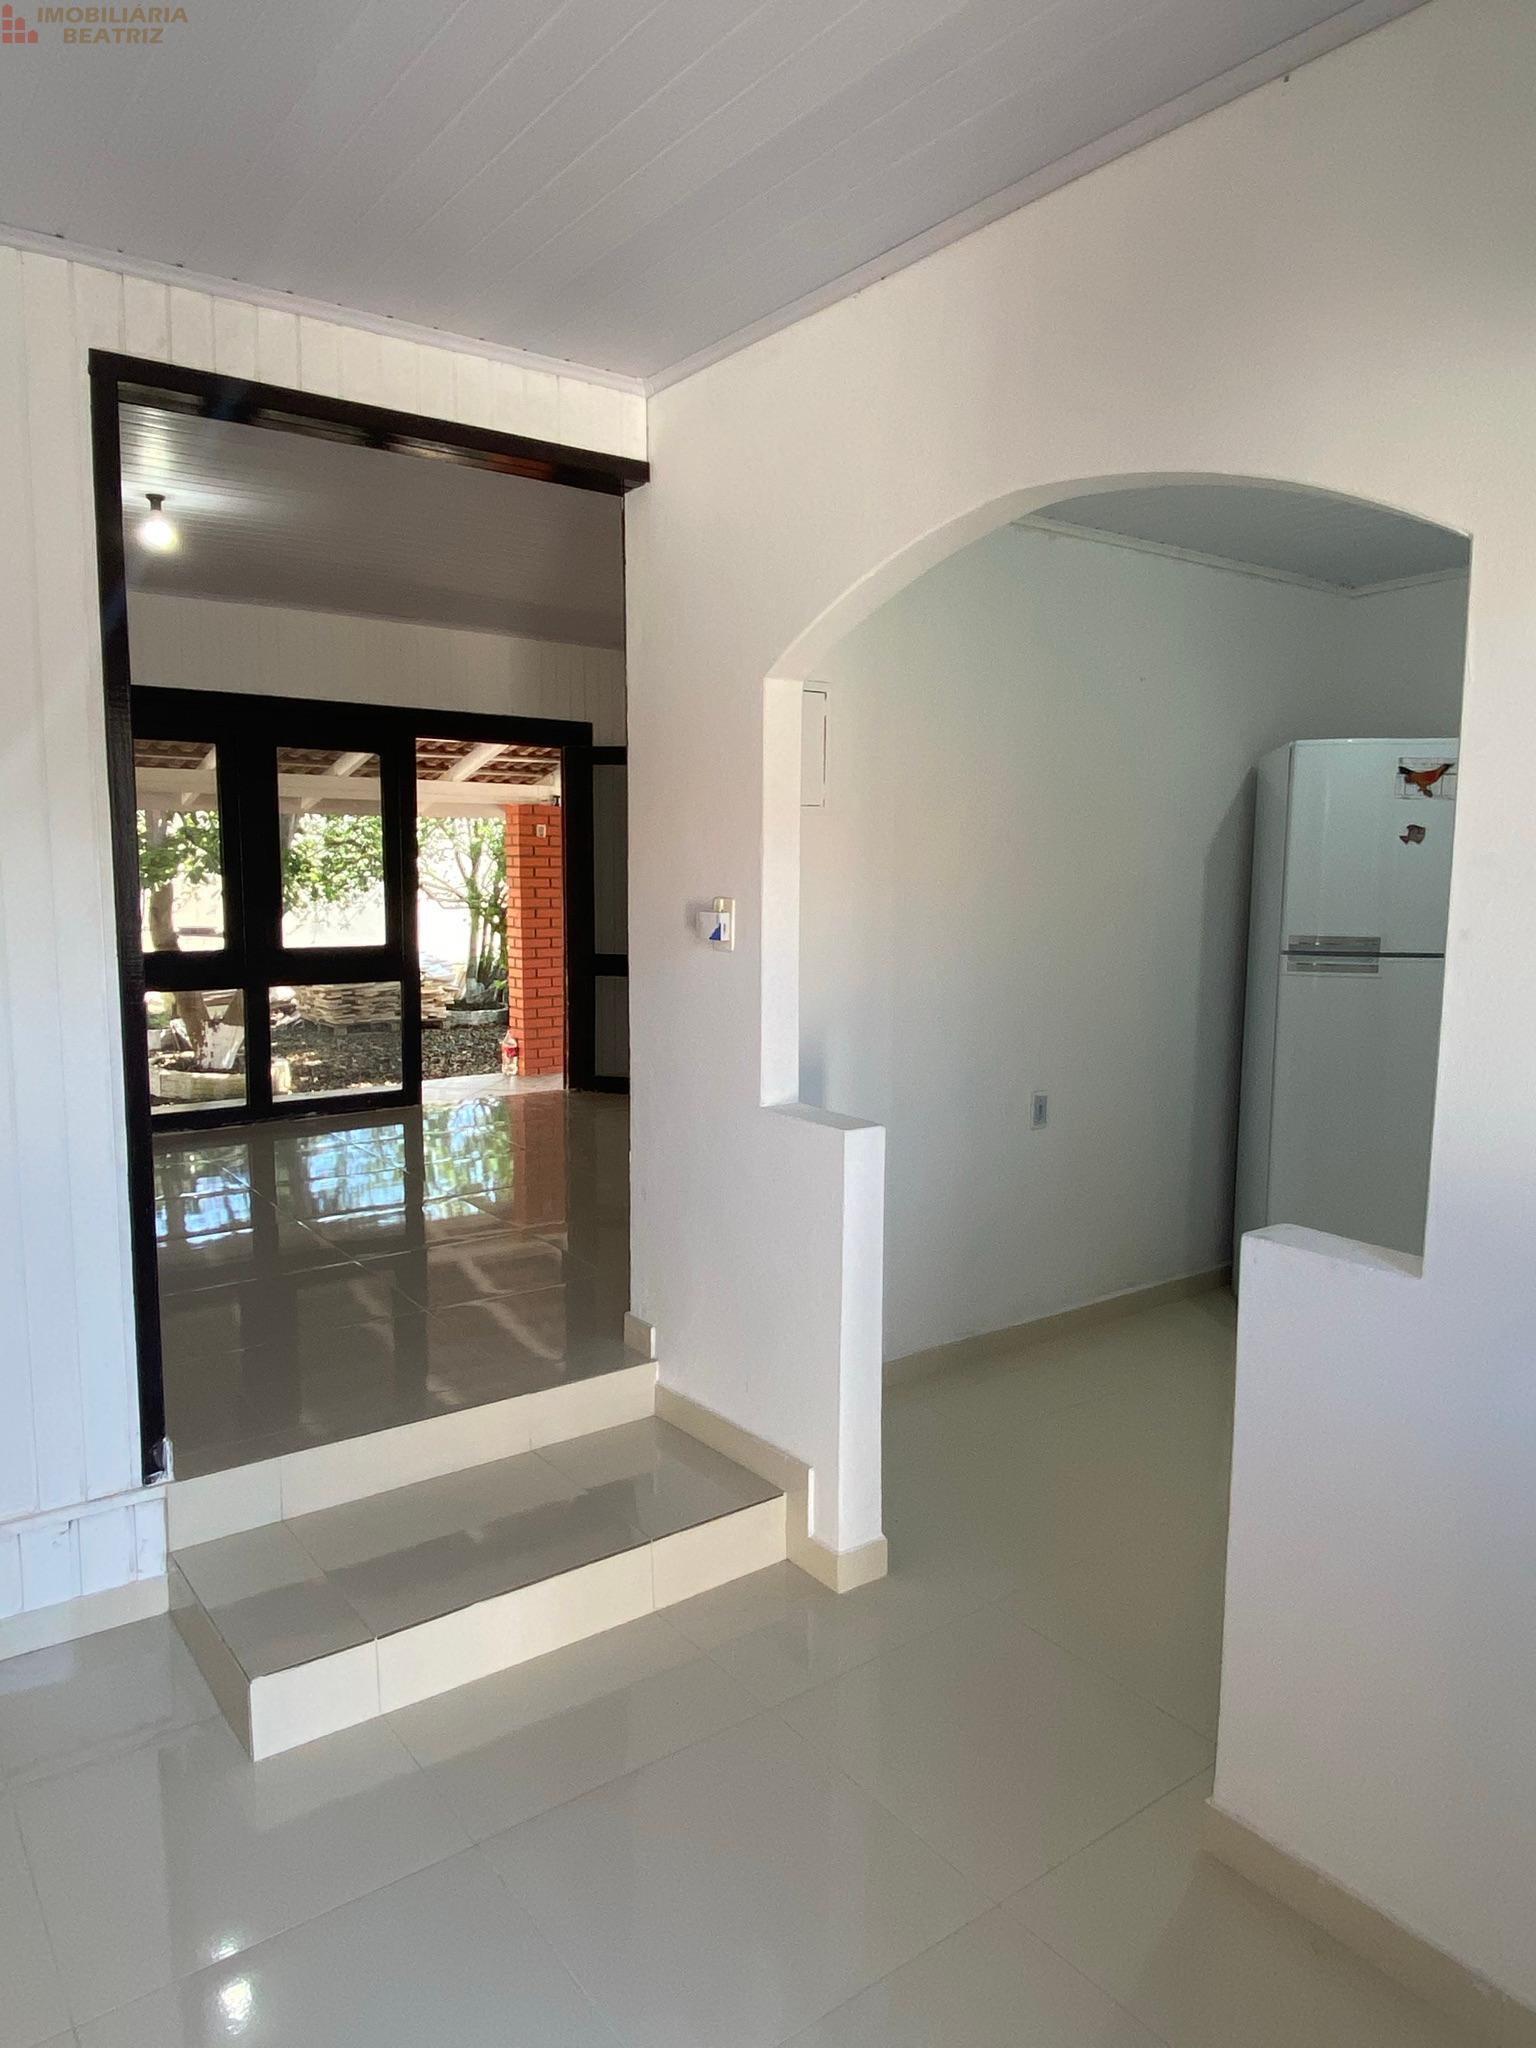 Entrada/cozinha